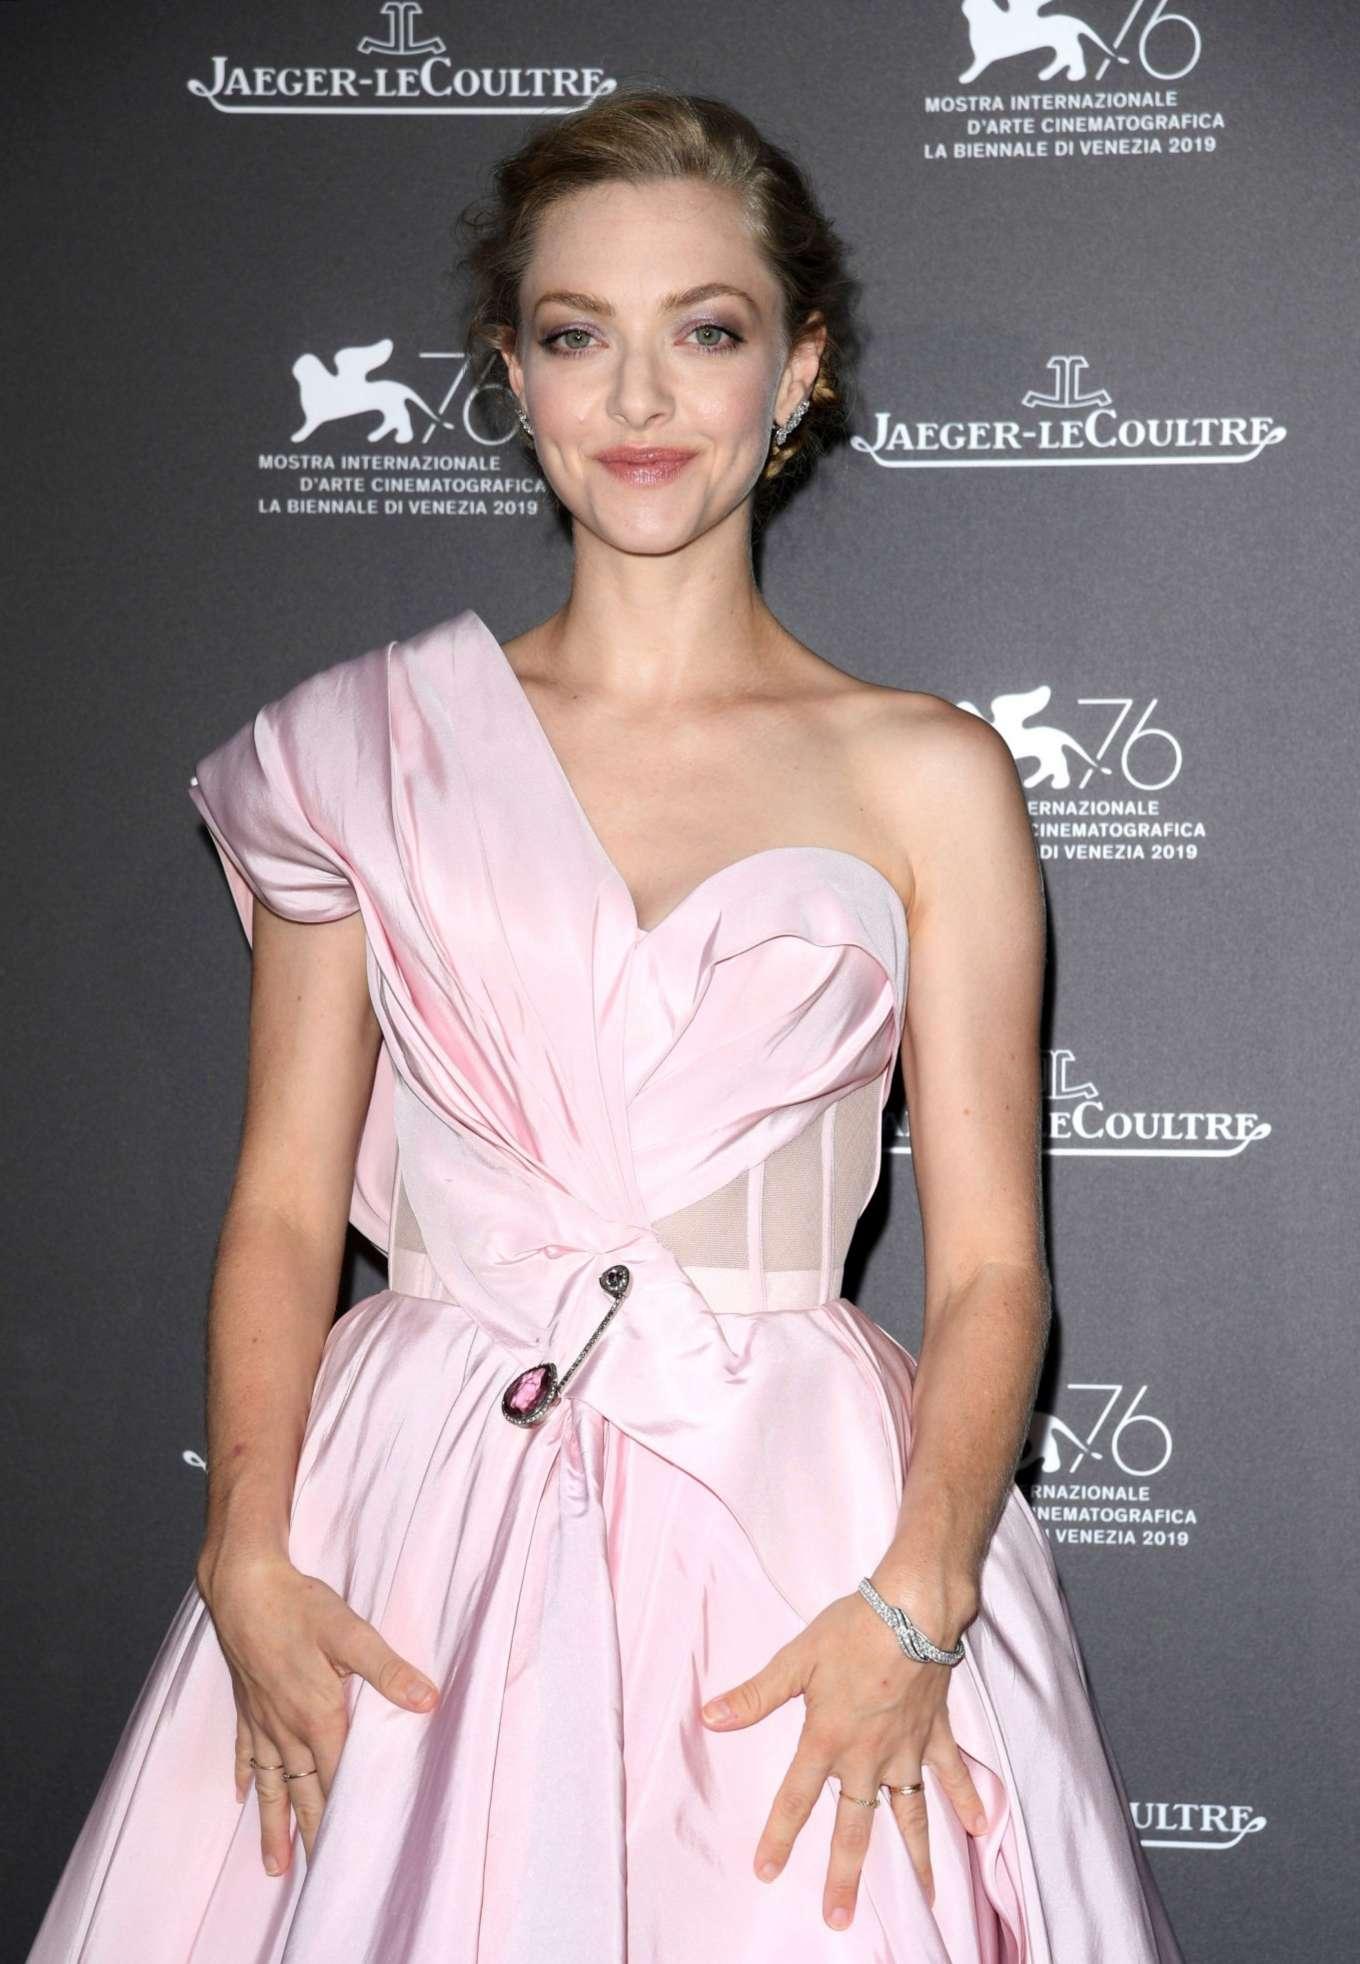 Amanda Seyfried - Jaeger-LeCoultre Gala Dinner at 2019 Venice Film Festival